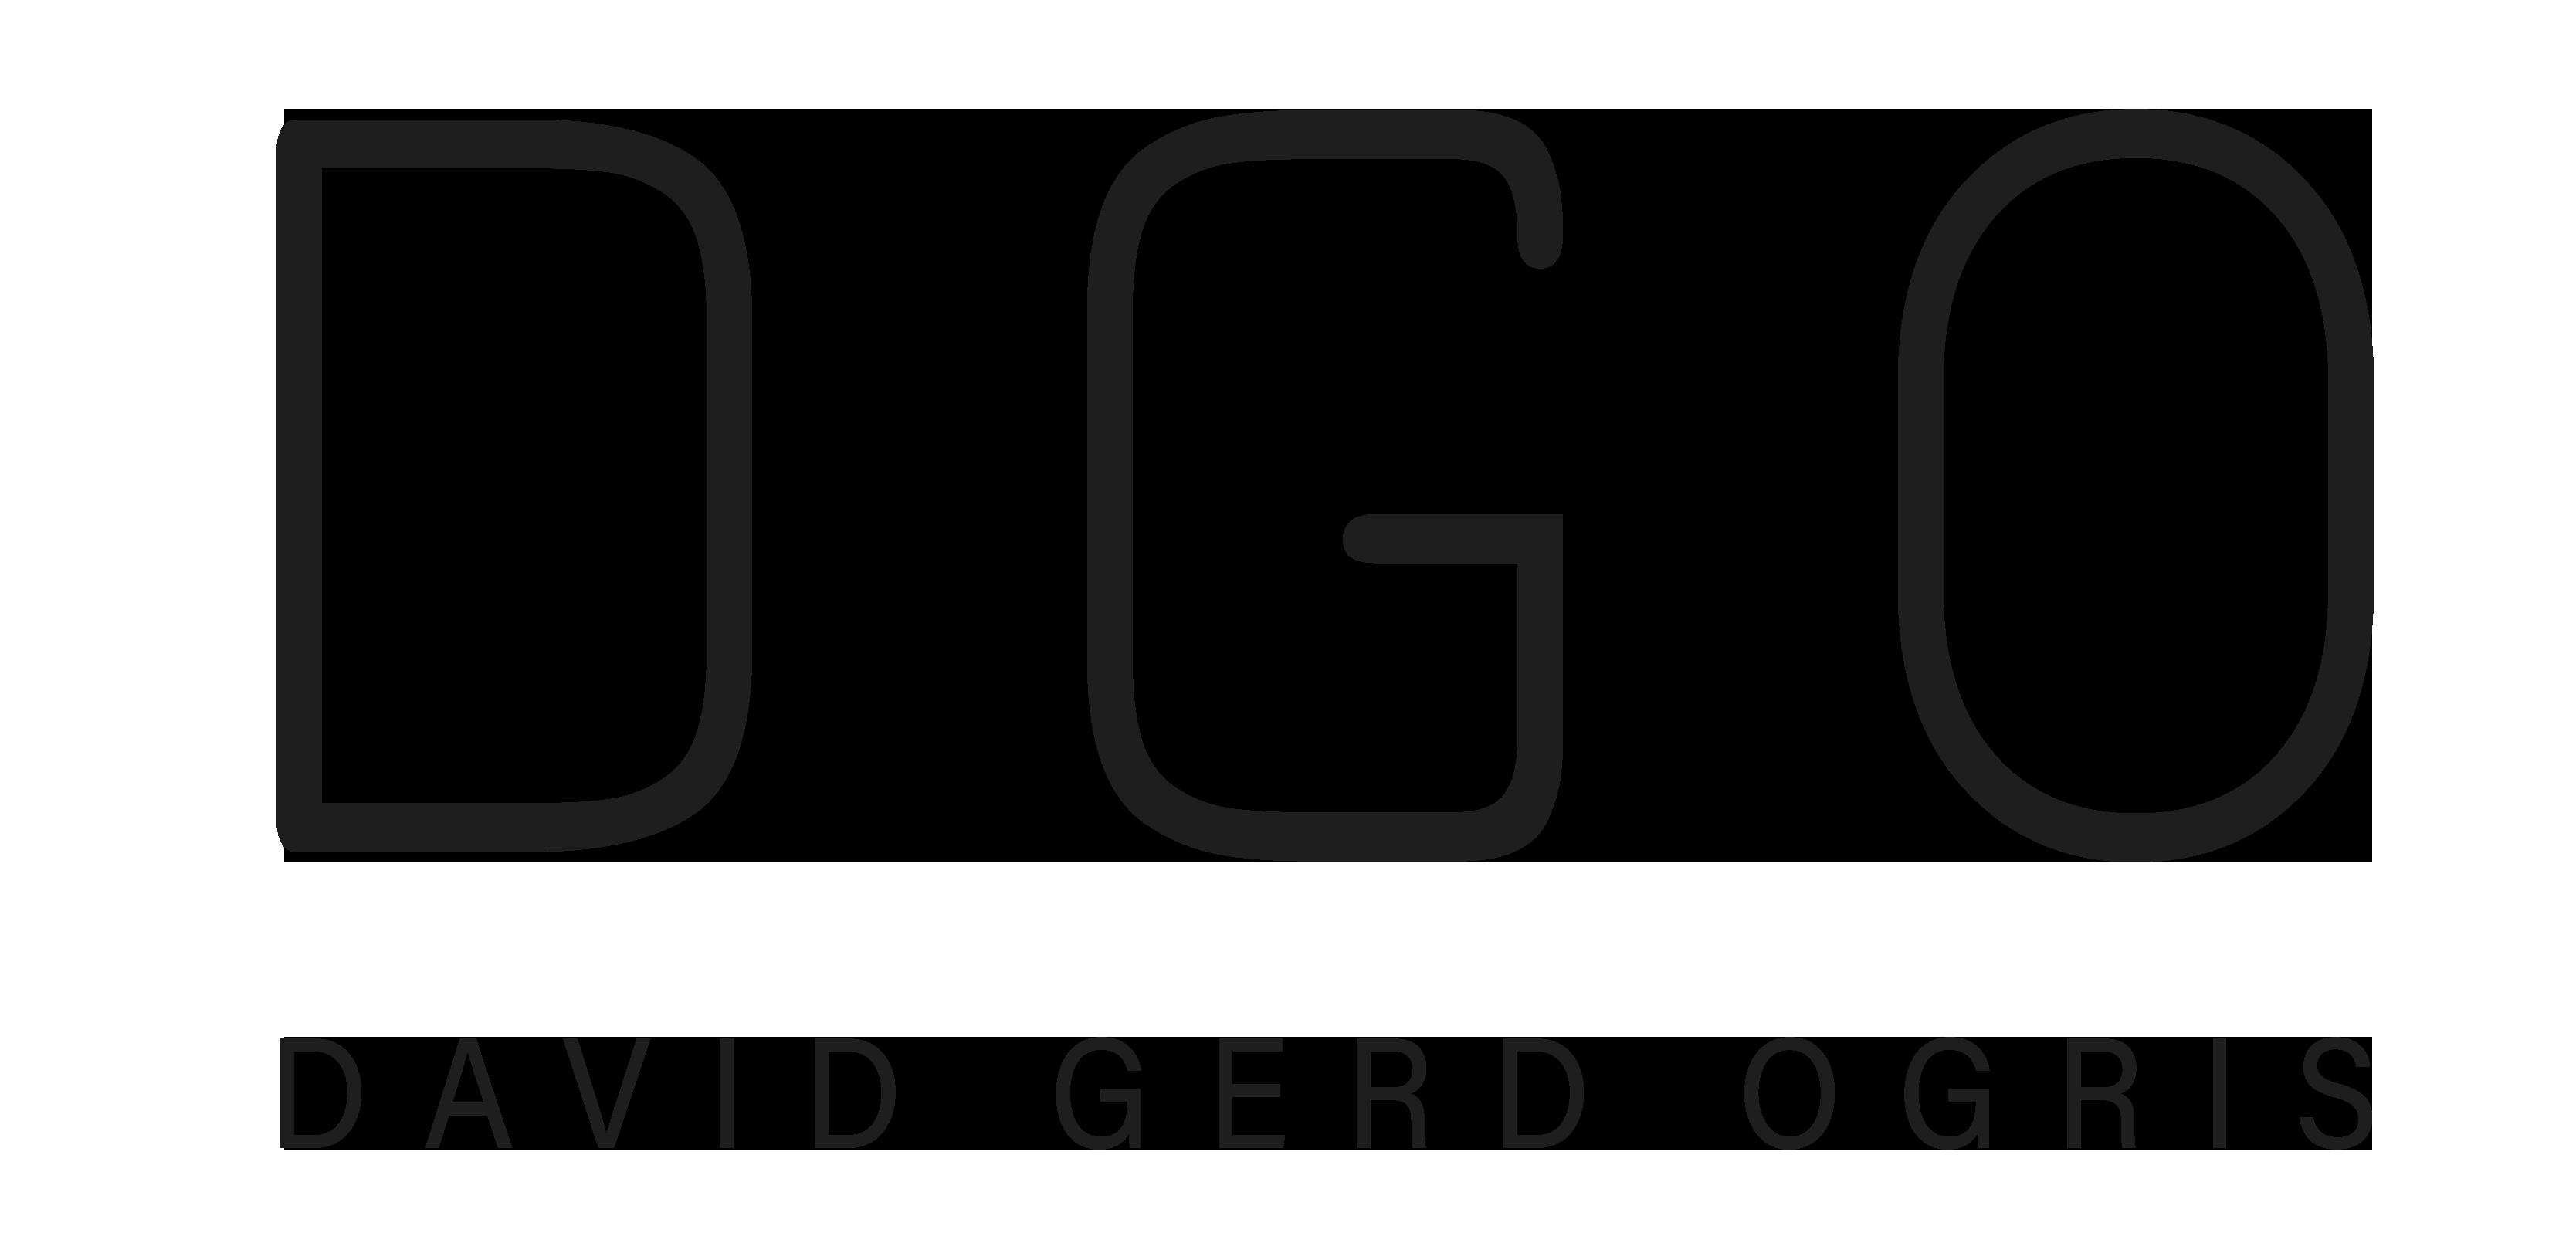 David Gerd Ogris